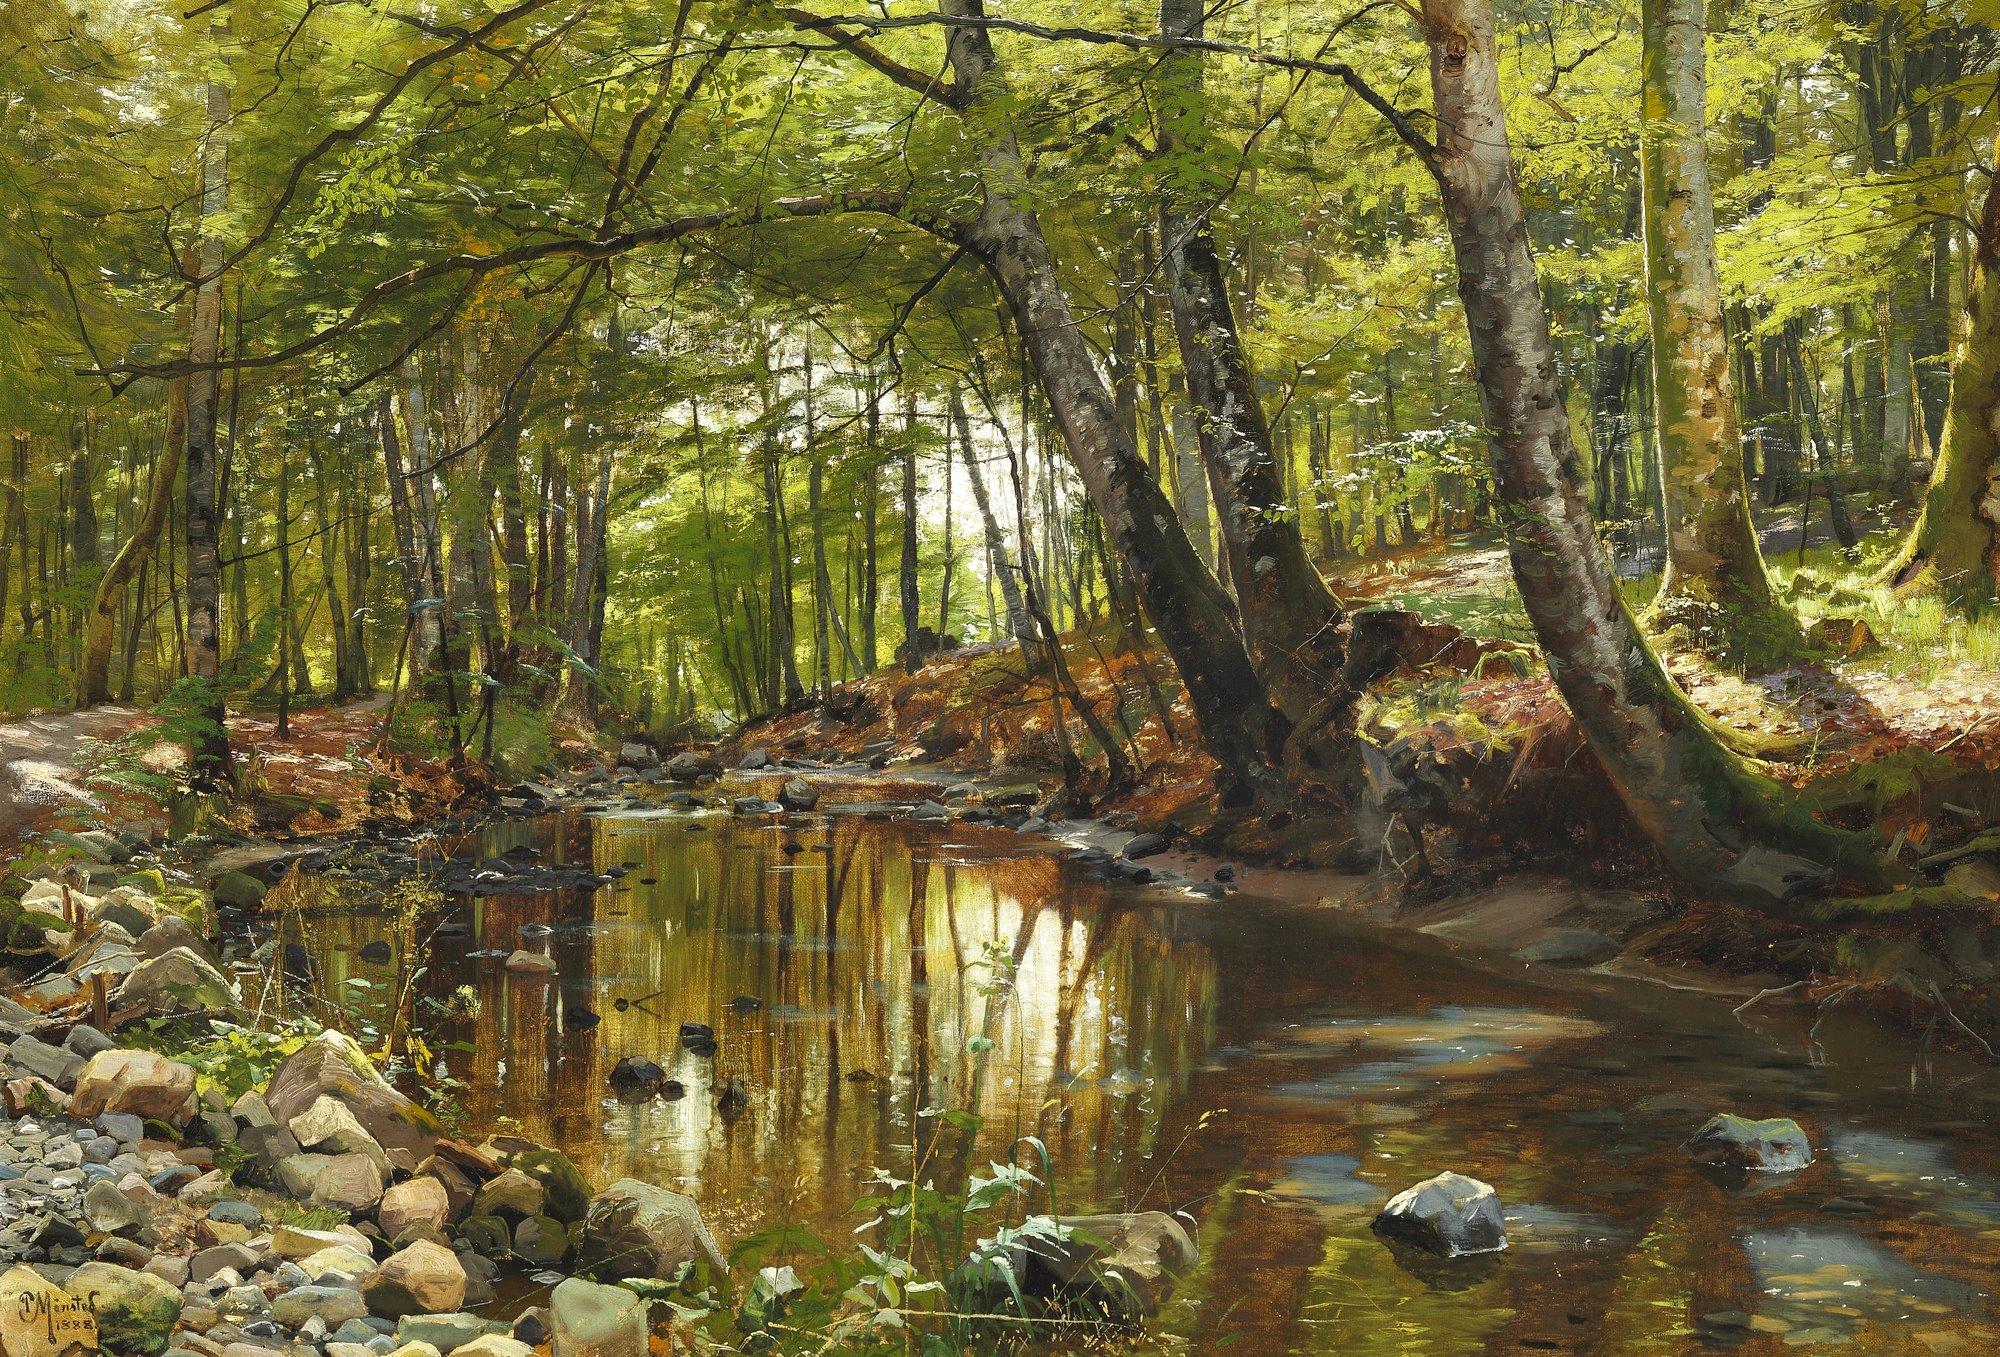 'A Spring Day in a Forest Stream' by Peder Mørk Mønsted, 1888